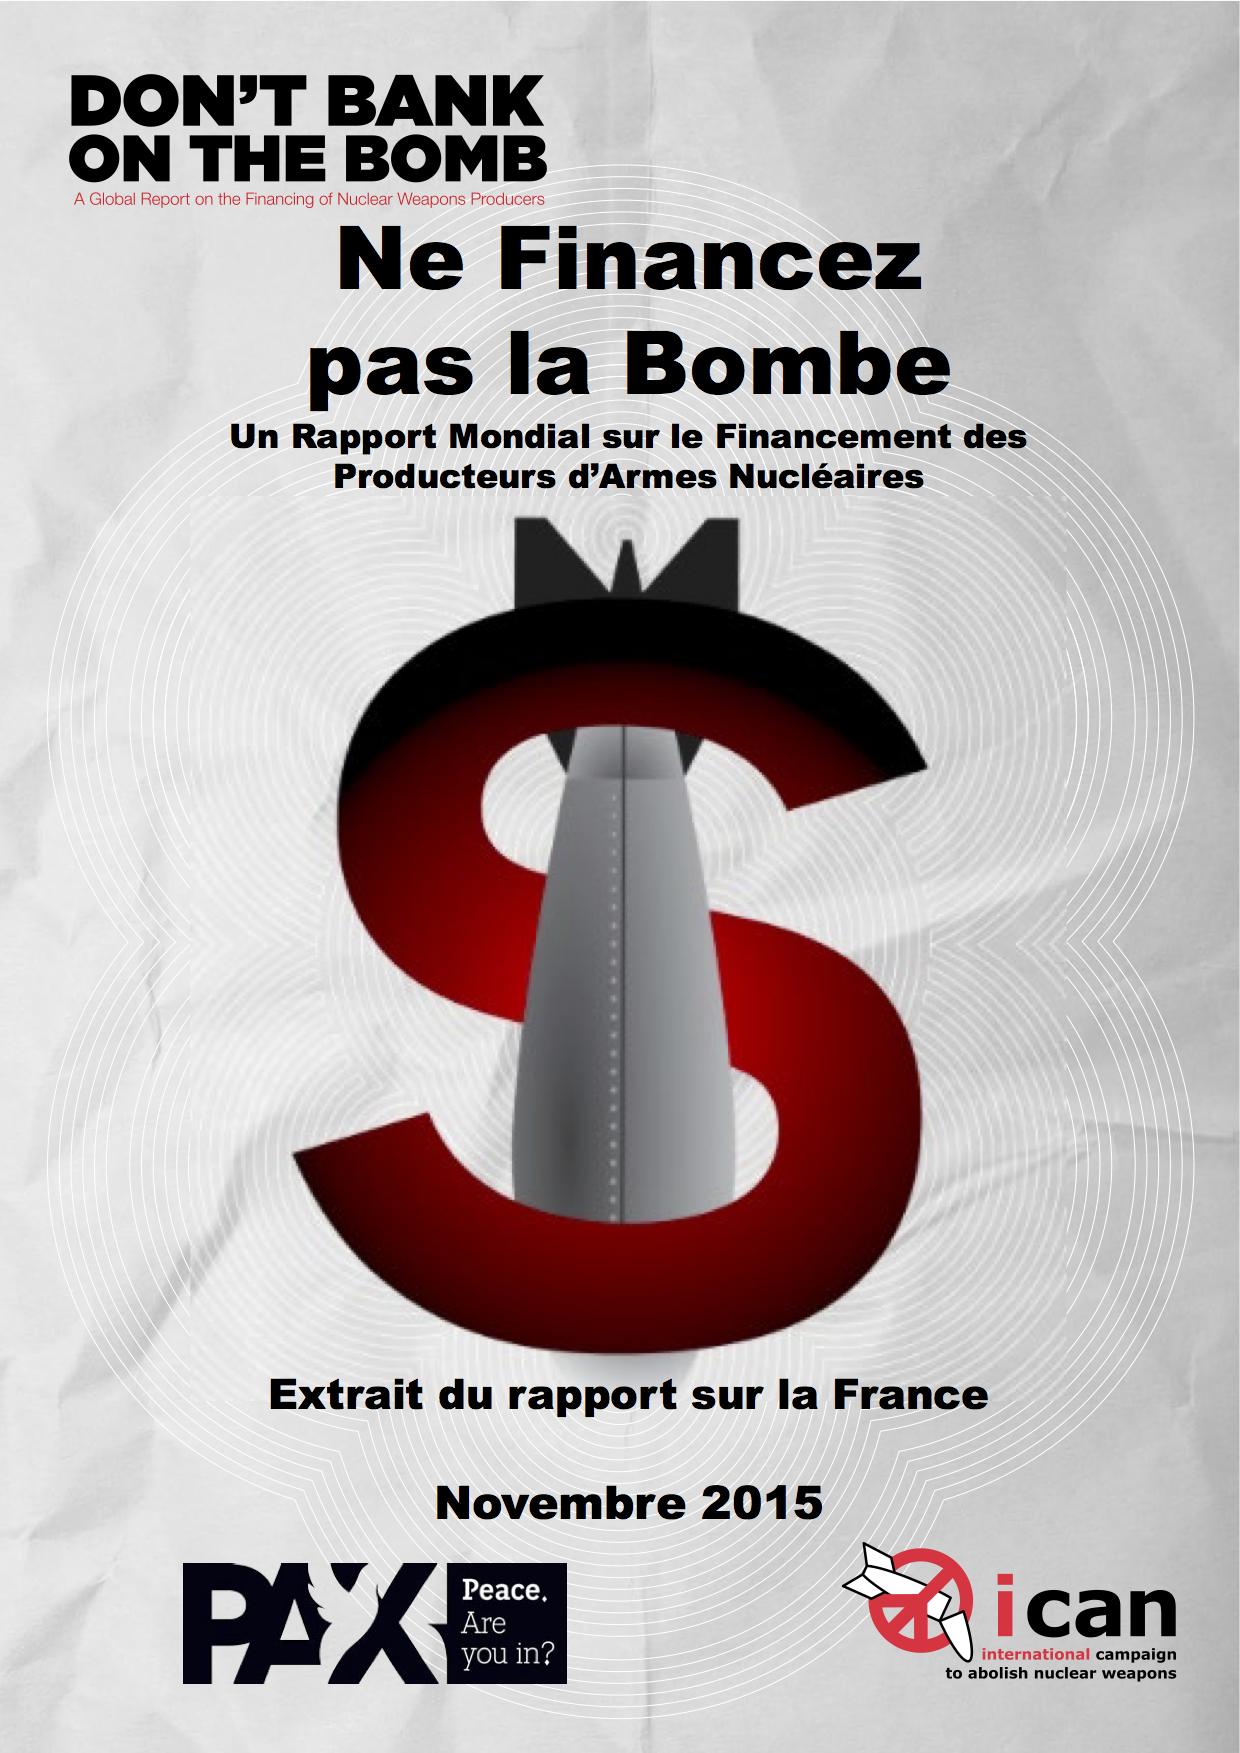 Ne Financez pas la Bombe 2015